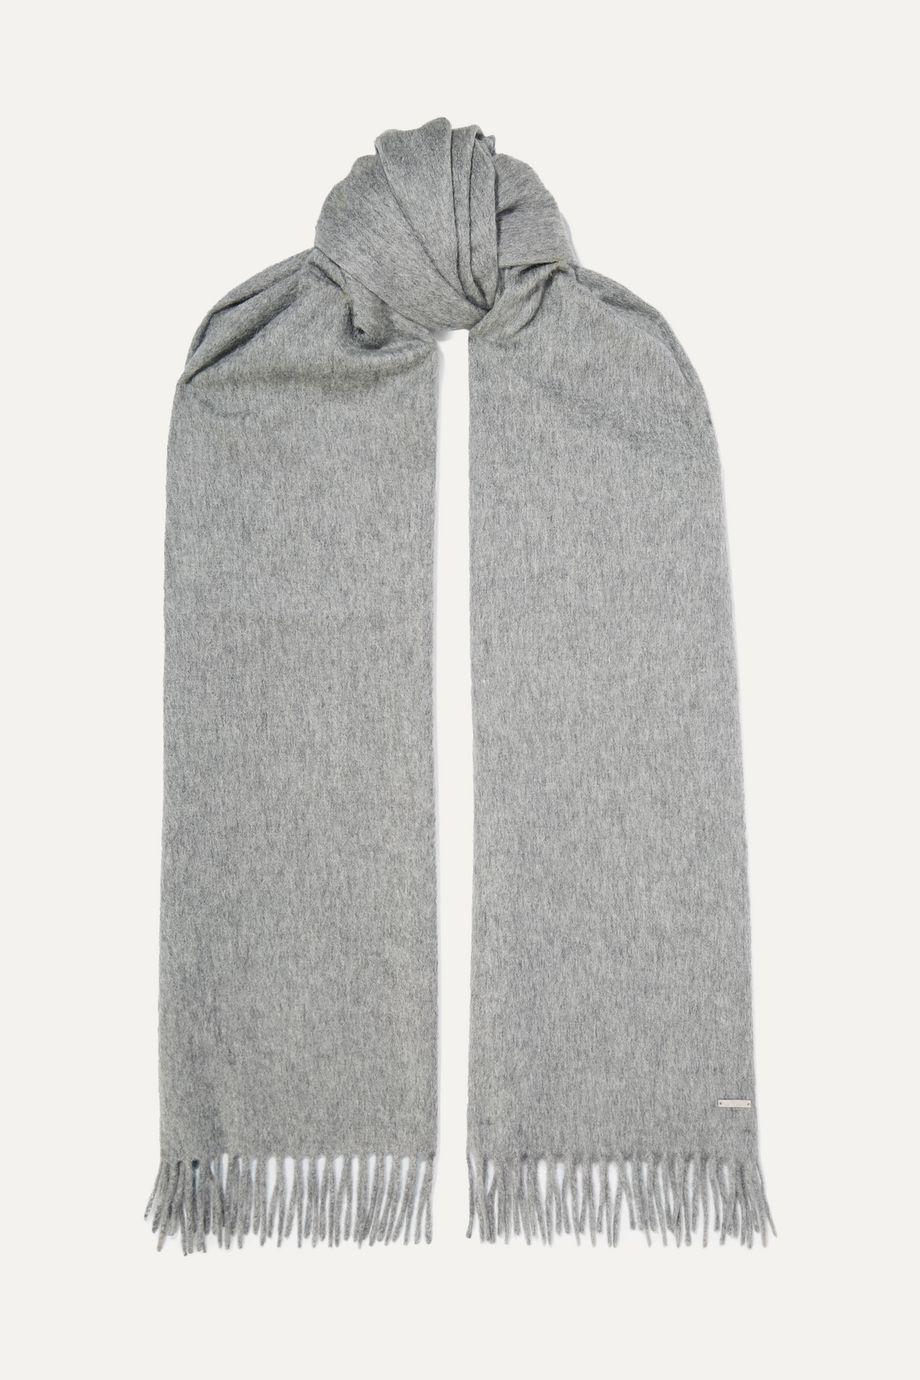 Loro Piana Grande Unita fringed cashmere scarf